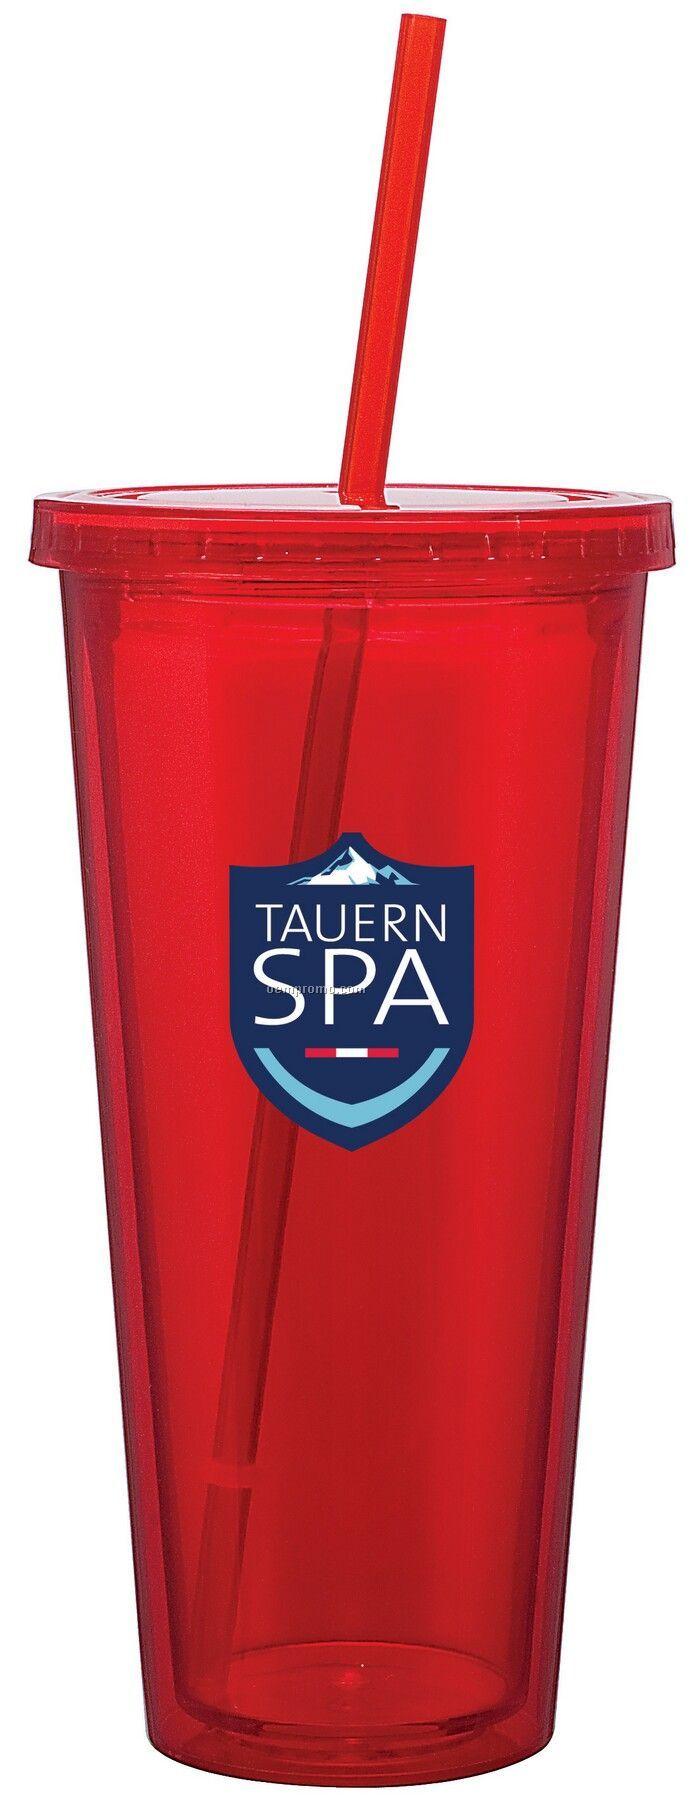 20 Oz. Red Spirit Tumbler Cup